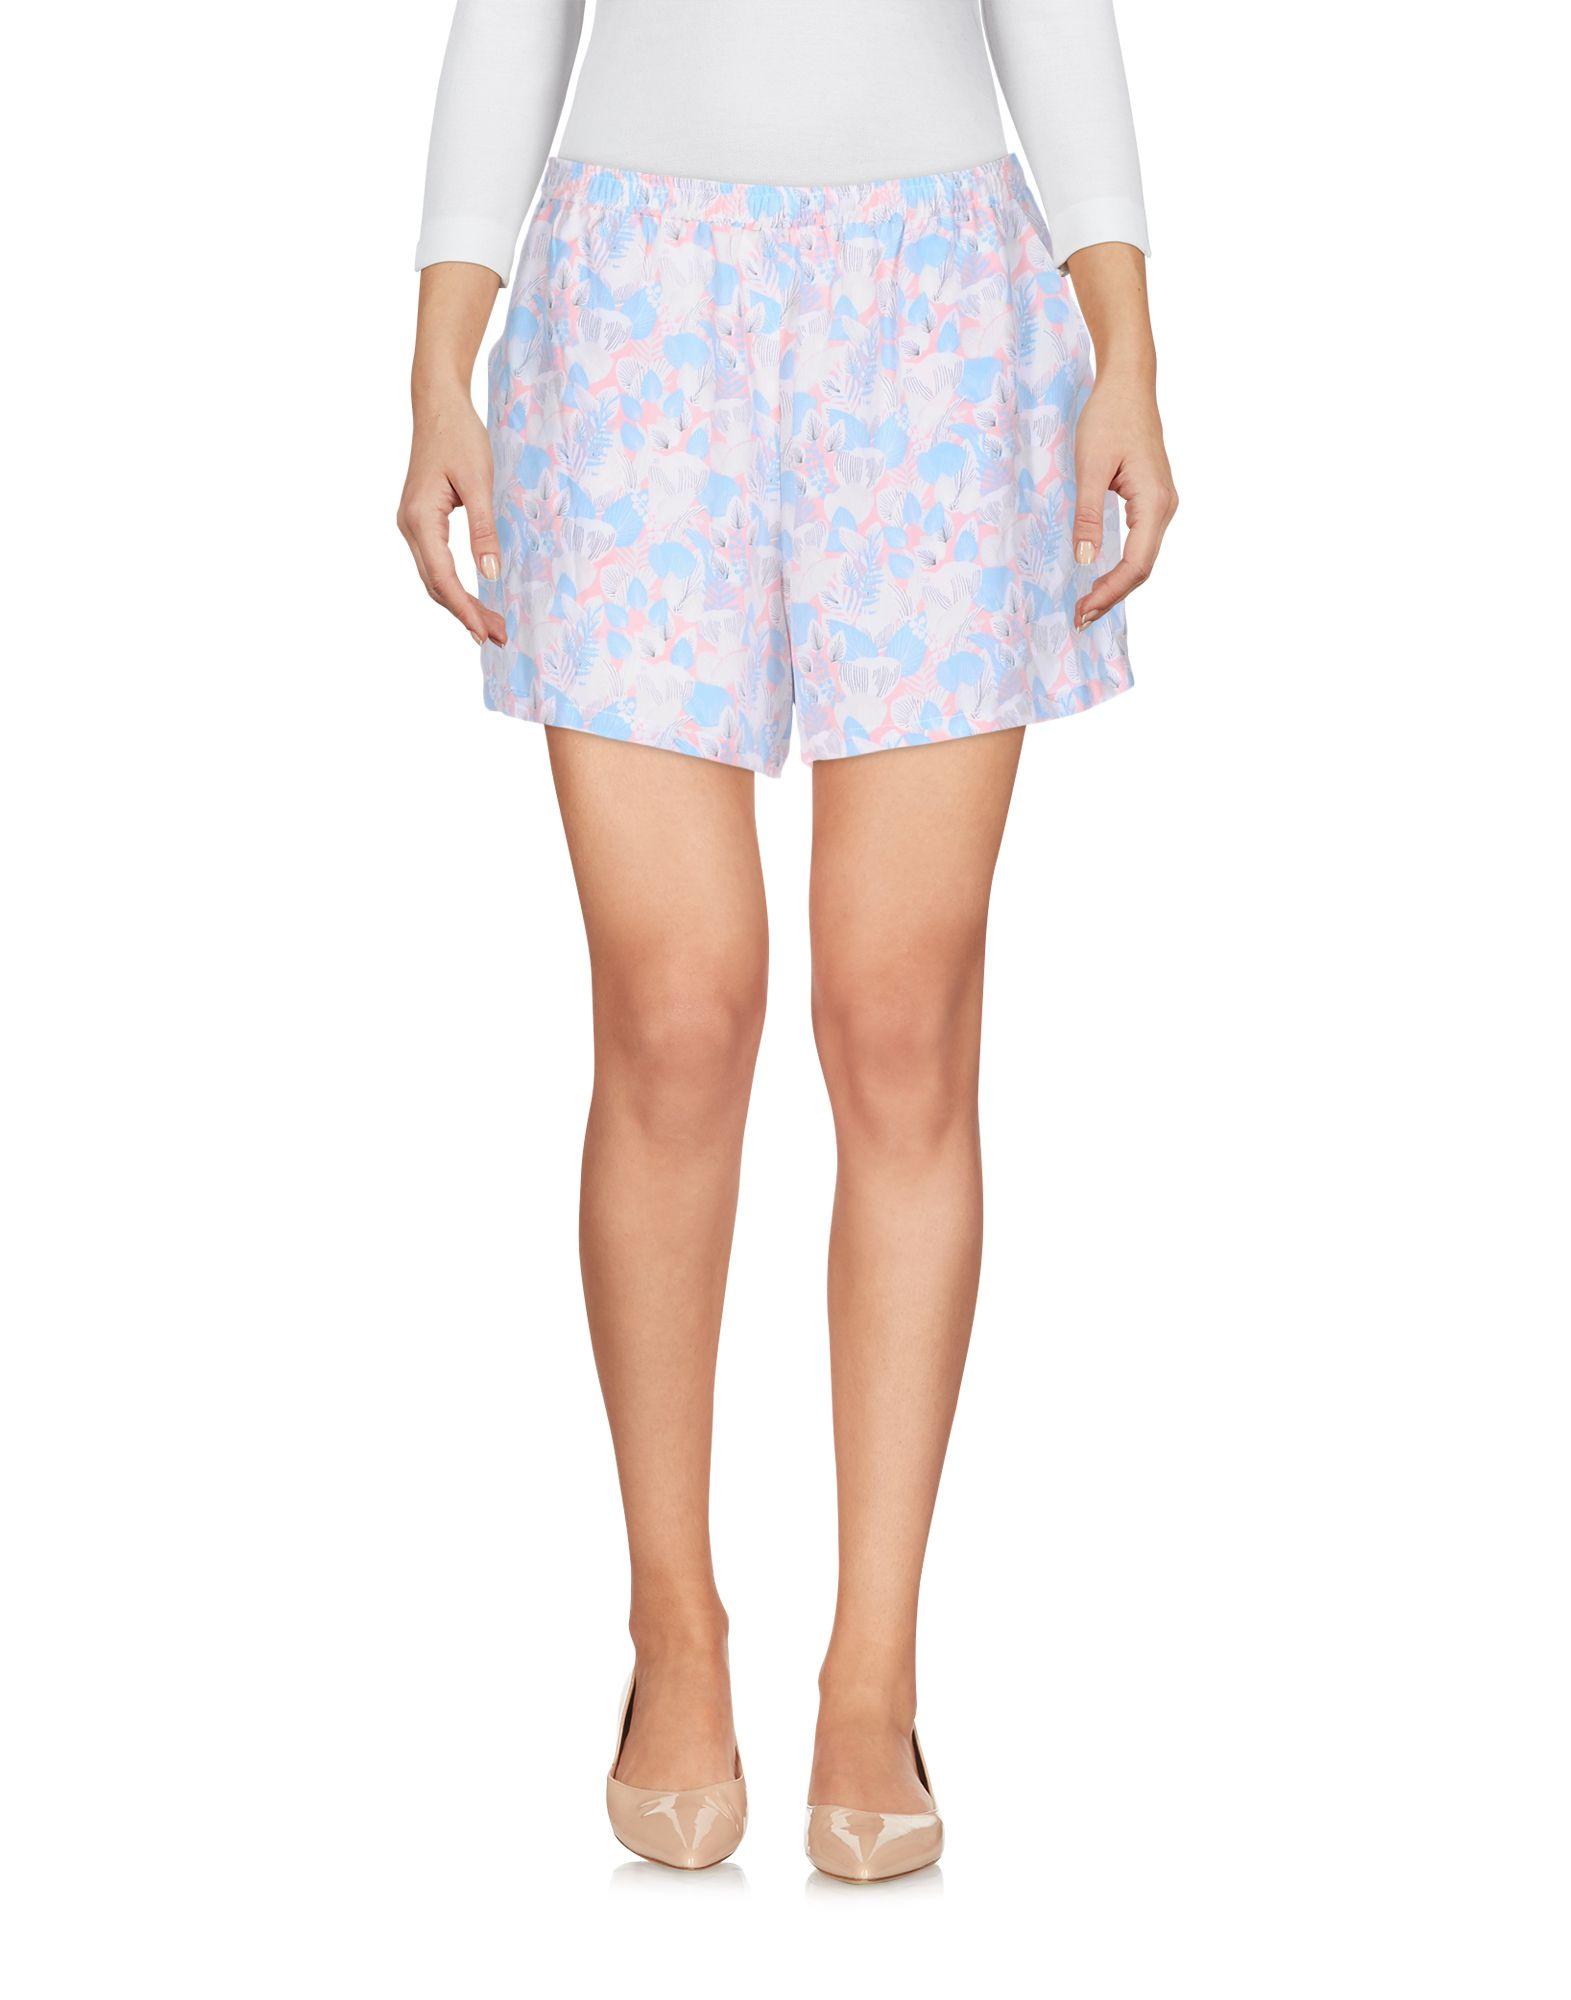 des petits hauts короткое платье DES PETITS HAUTS Повседневные шорты